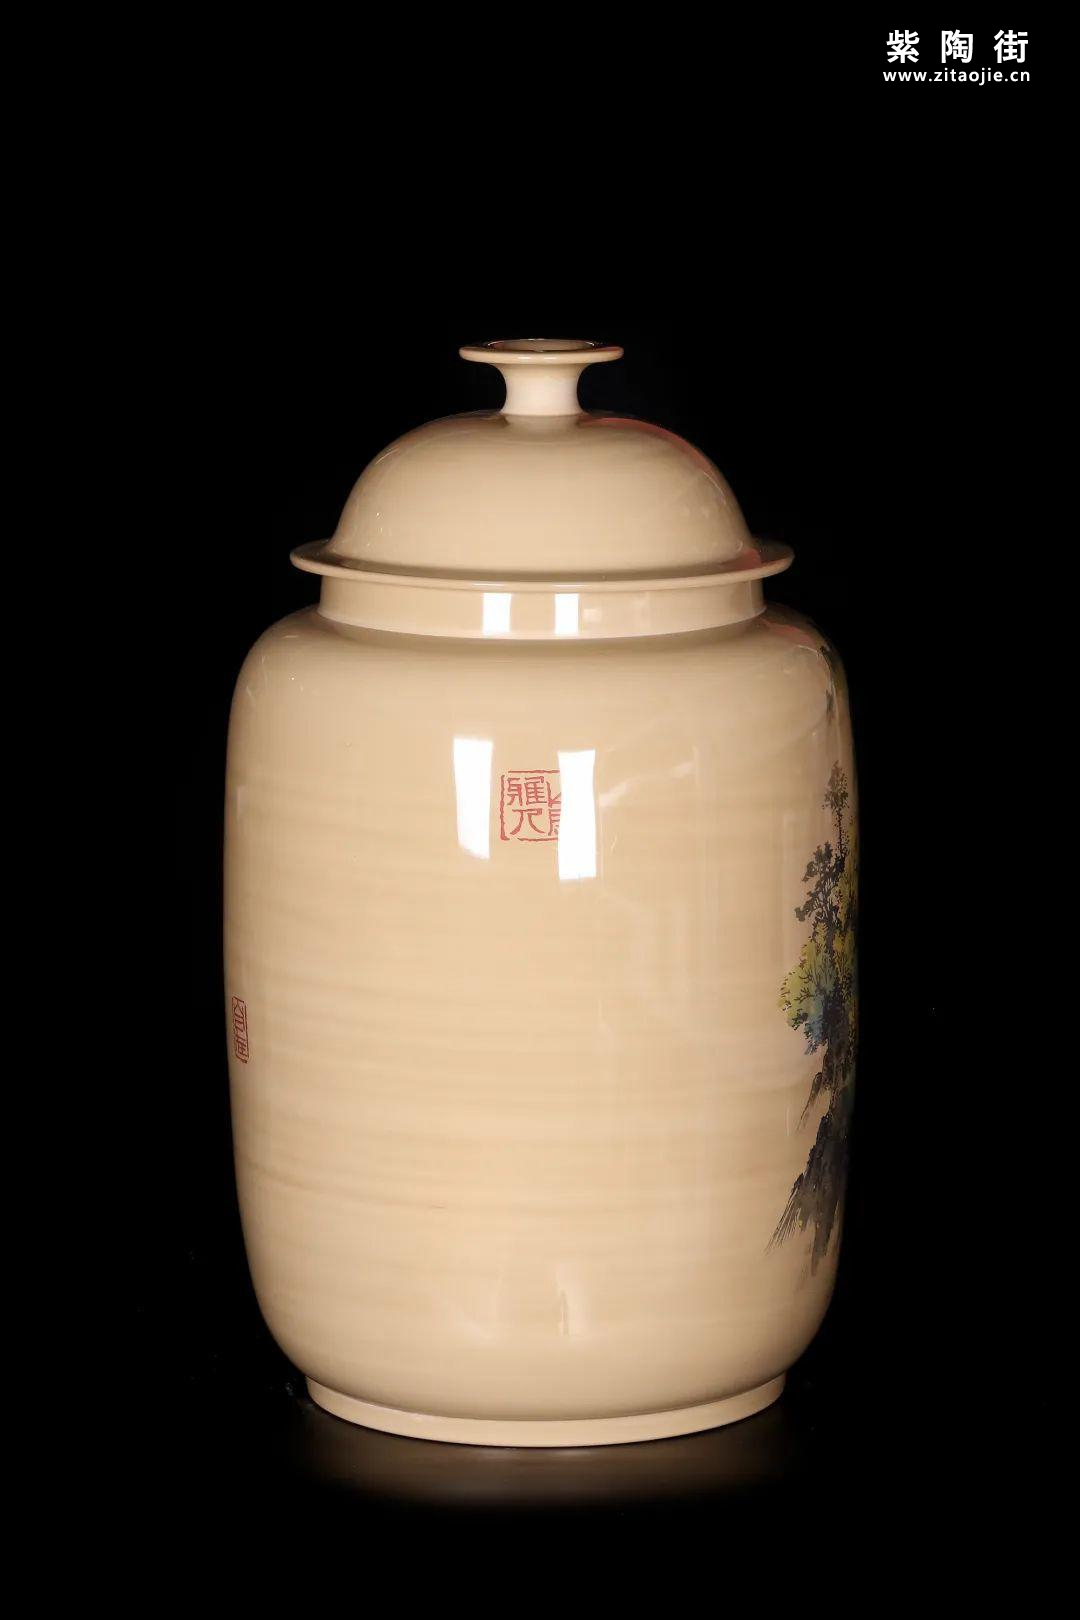 廖建忠、廖渊涵的青绿山水装饰紫陶缸插图9